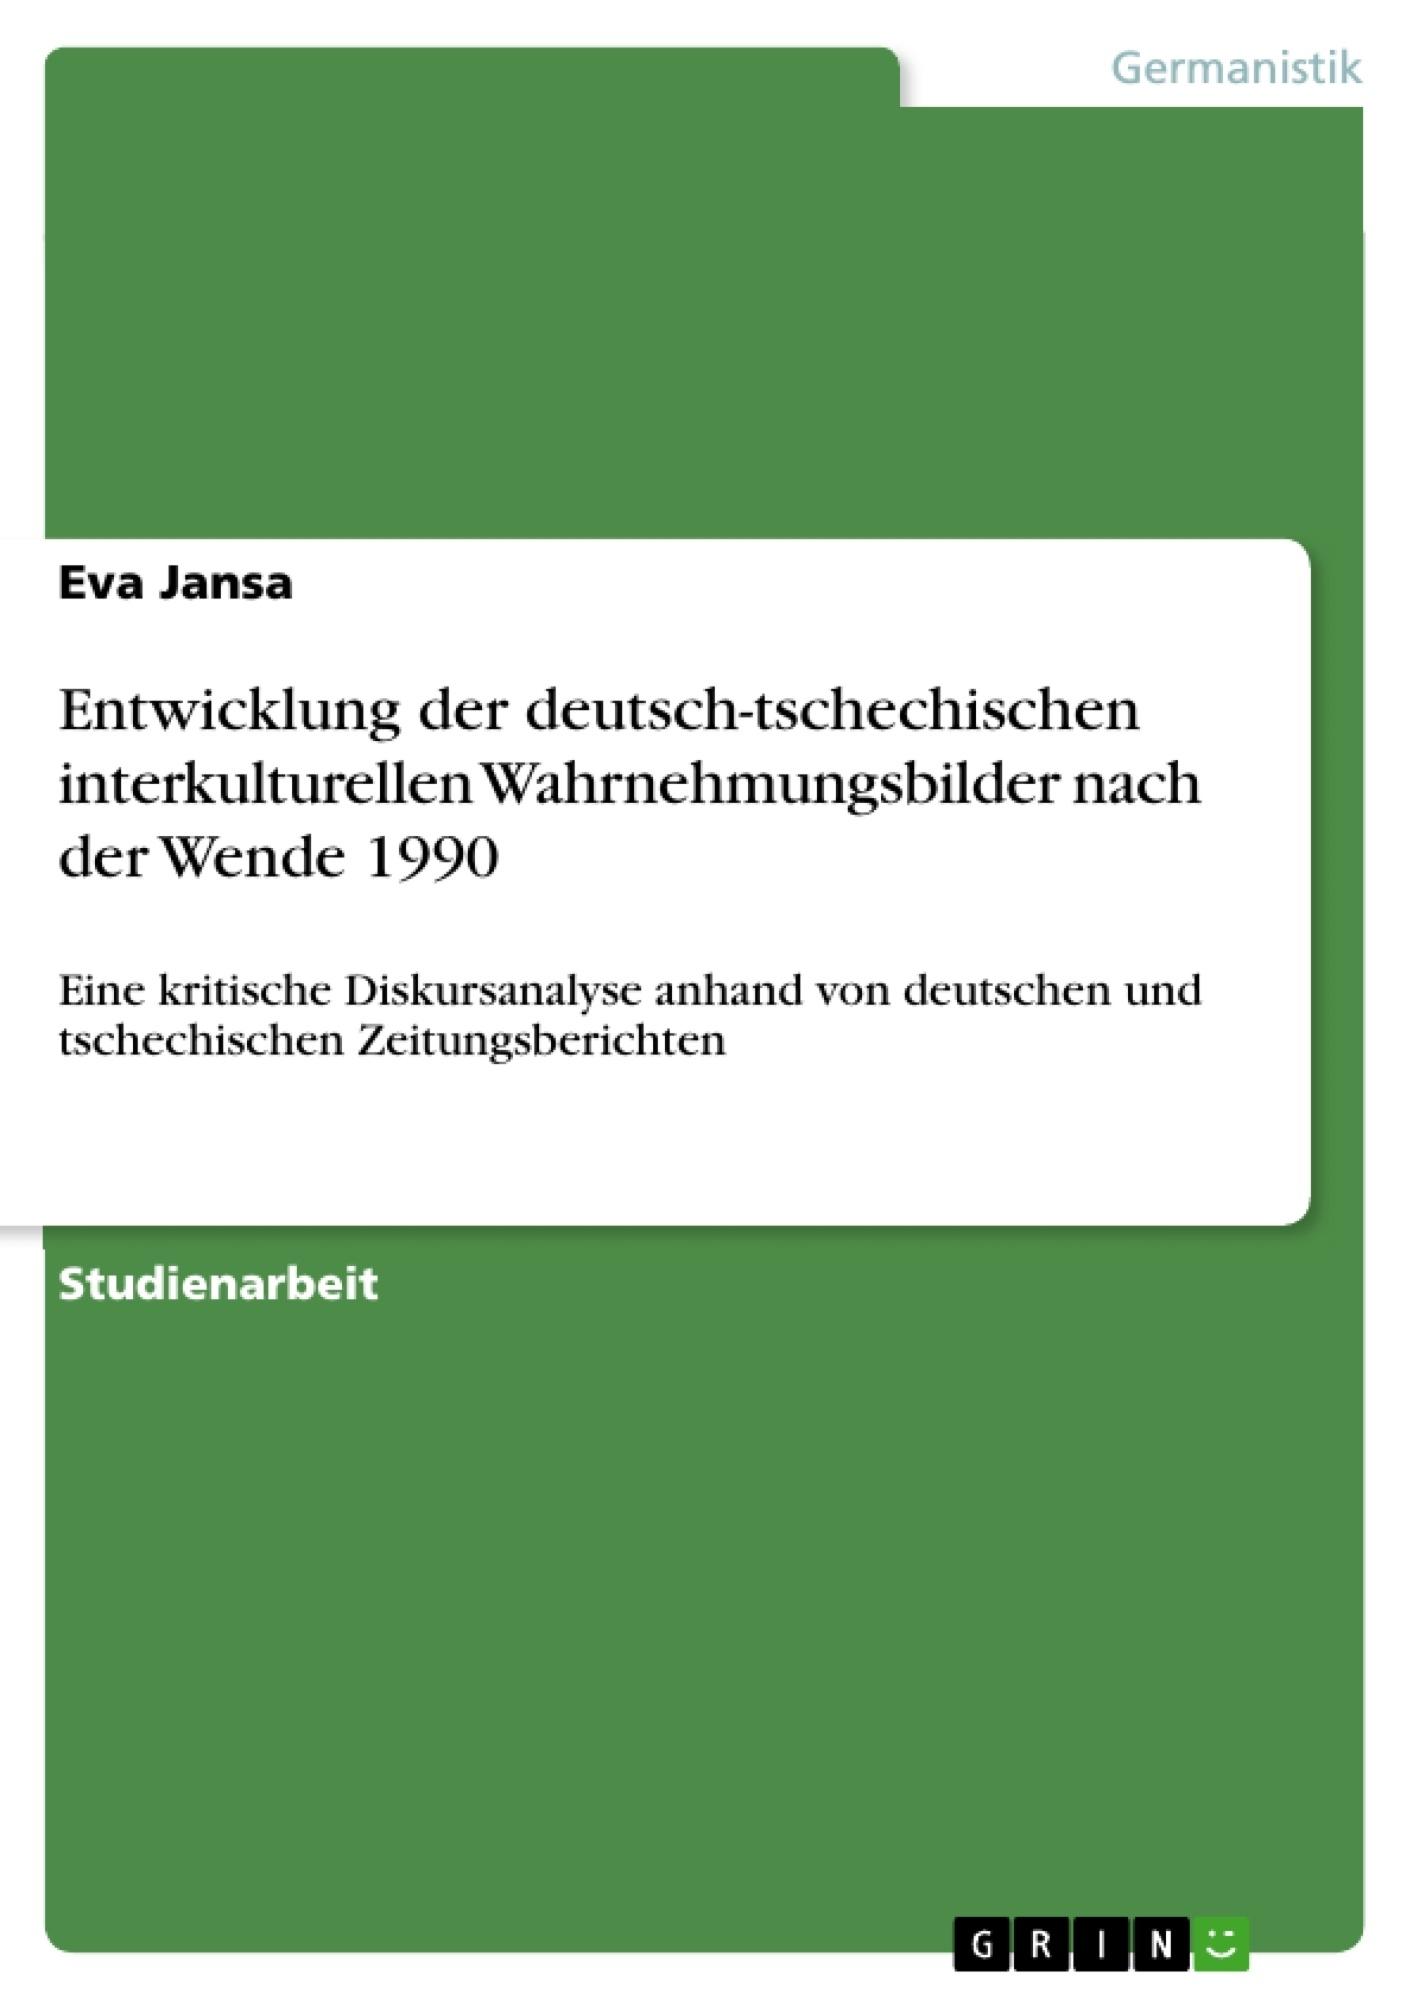 Titel: Entwicklung der deutsch-tschechischen interkulturellen Wahrnehmungsbilder nach der Wende 1990